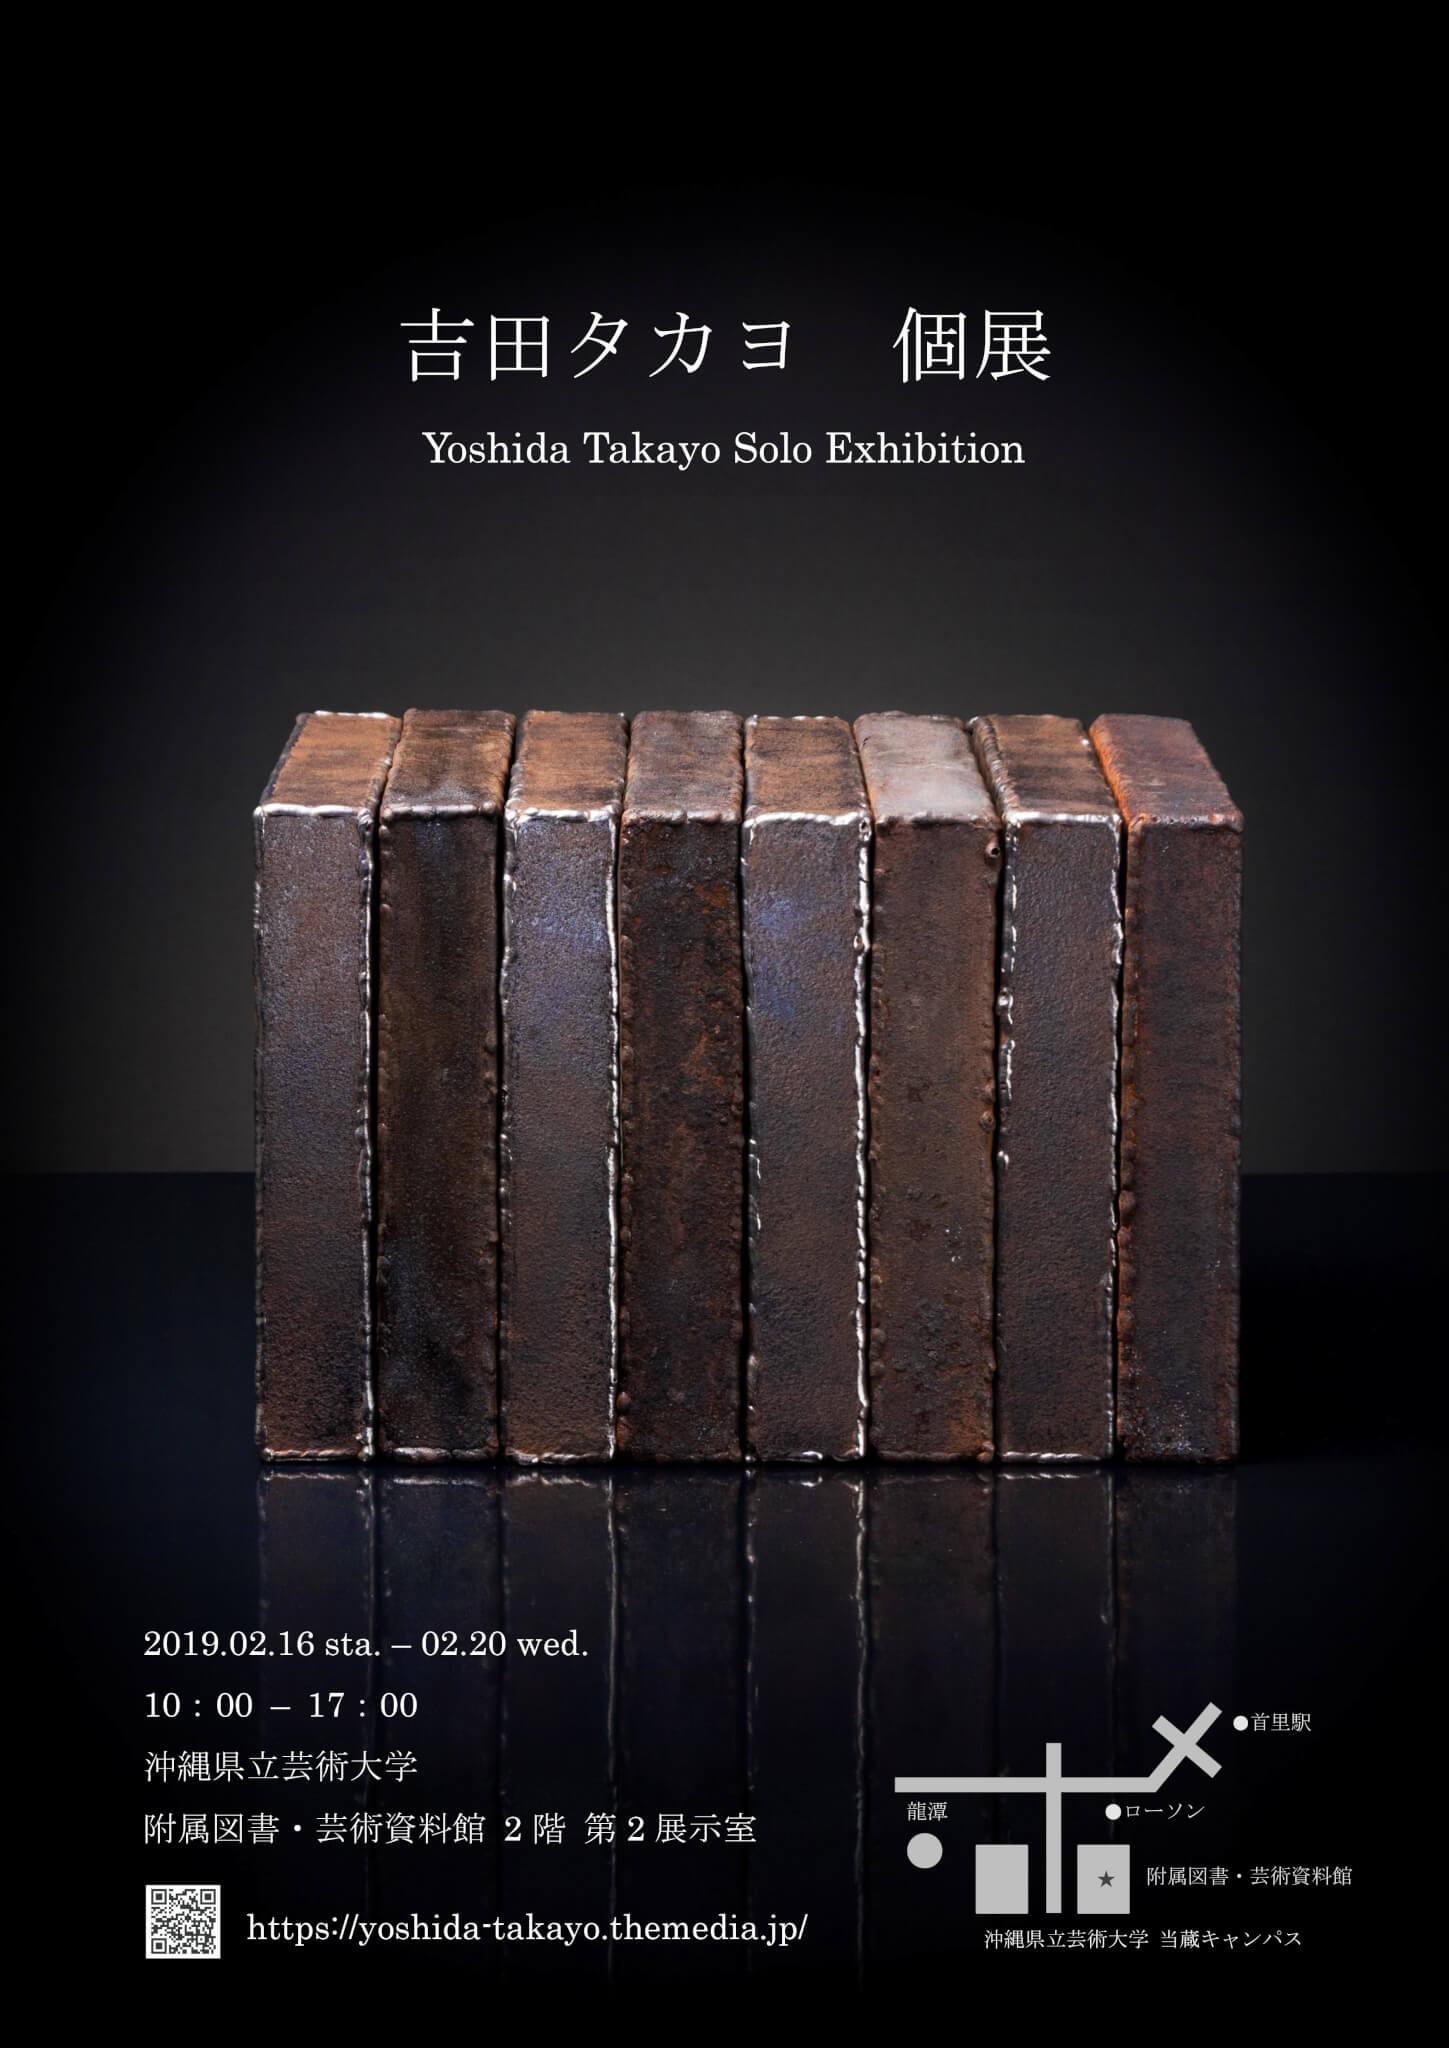 [フライヤー]吉田タカヨ個展